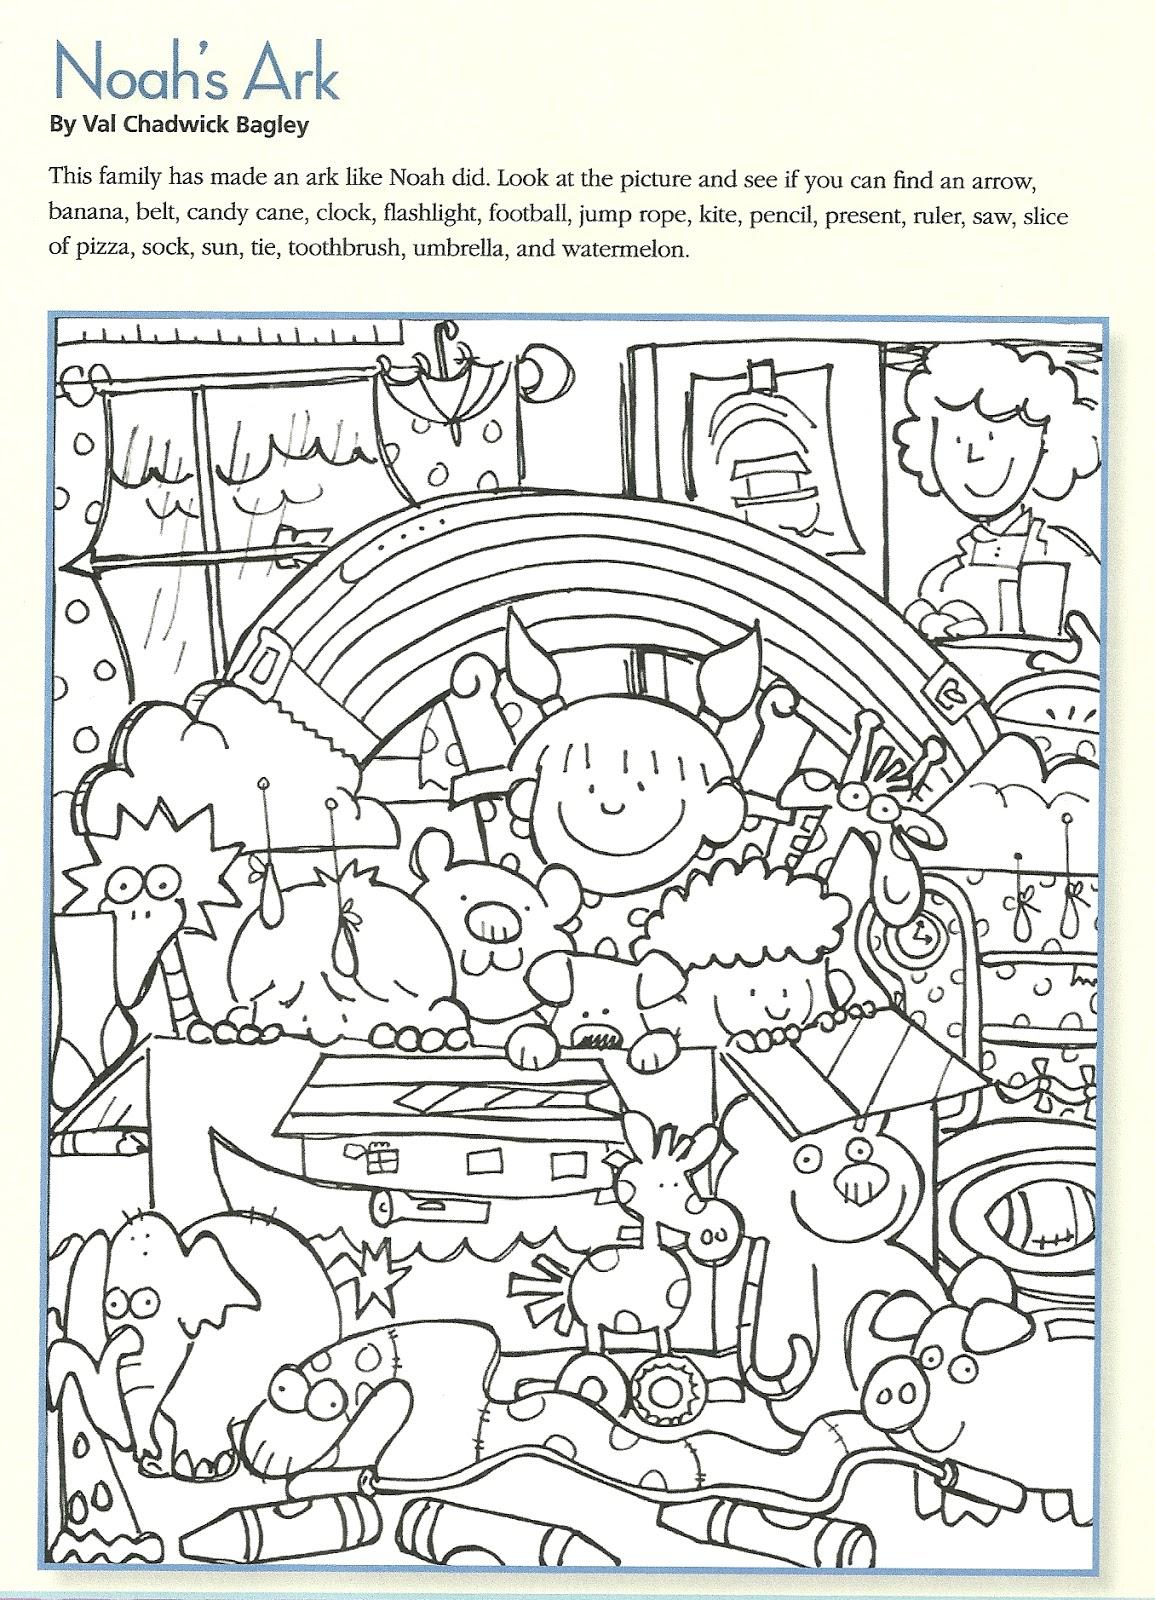 Fun Activities For Kids Of Noah Ark